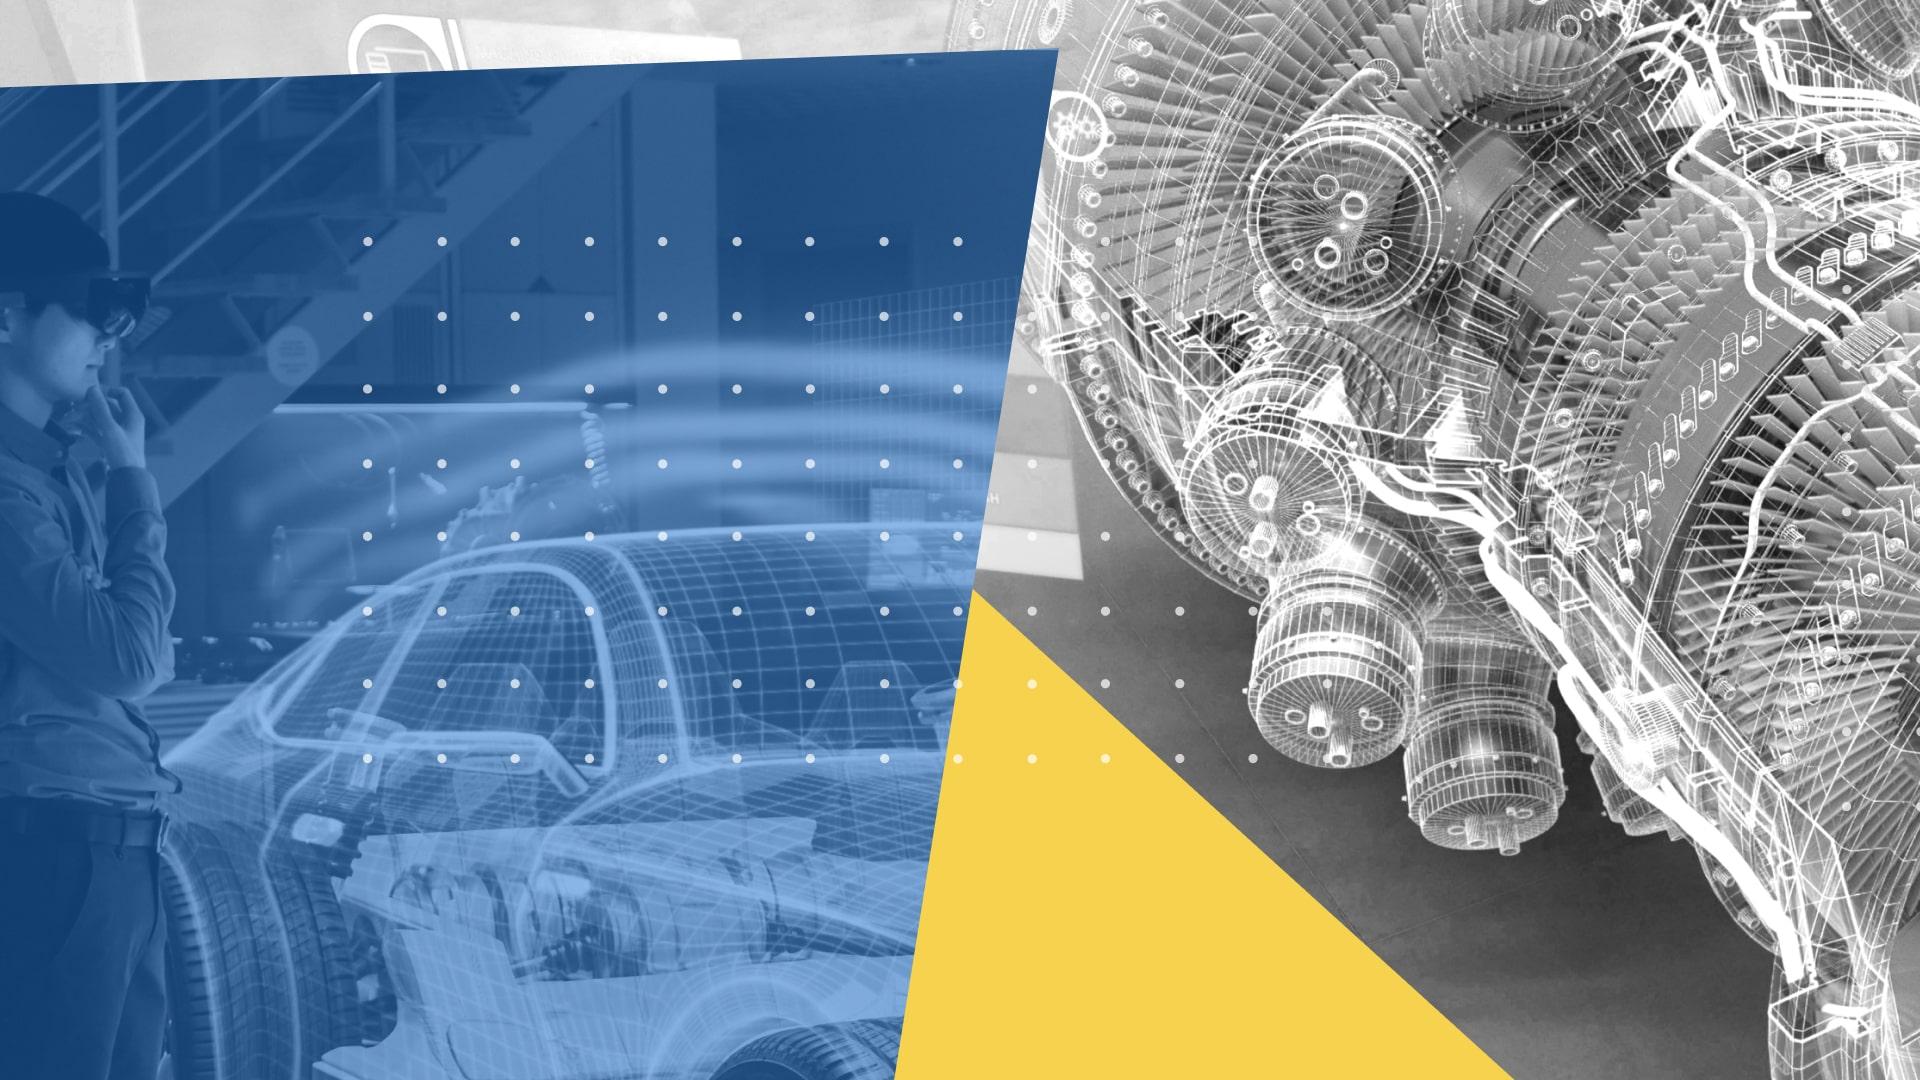 «КАДФЕМ Си-Ай-Эс» приглашает на ежегодную крупнейшую российскую онлайн-конференцию в области применения систем инженерного анализа и численного моделирования